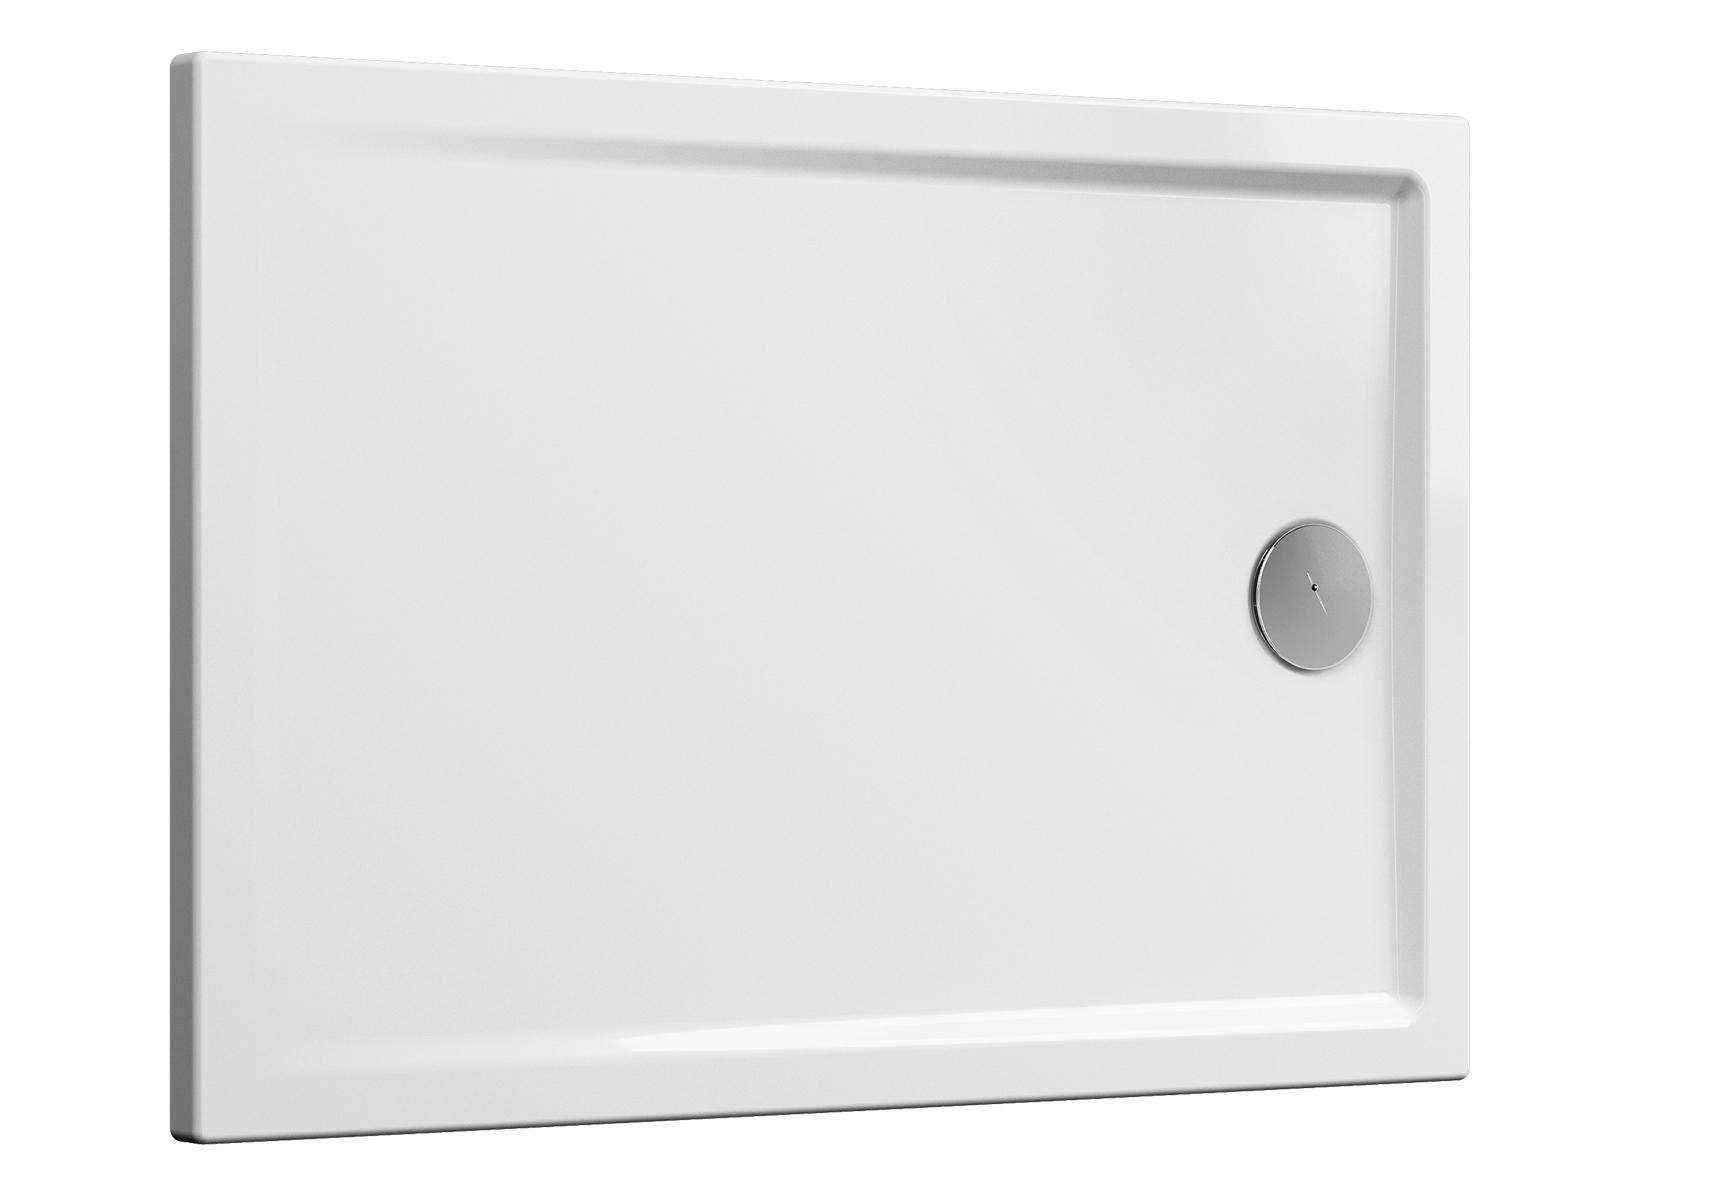 Cascade receveur ultra plat en céramique, 140  x  90 cm, blanc haute brillance